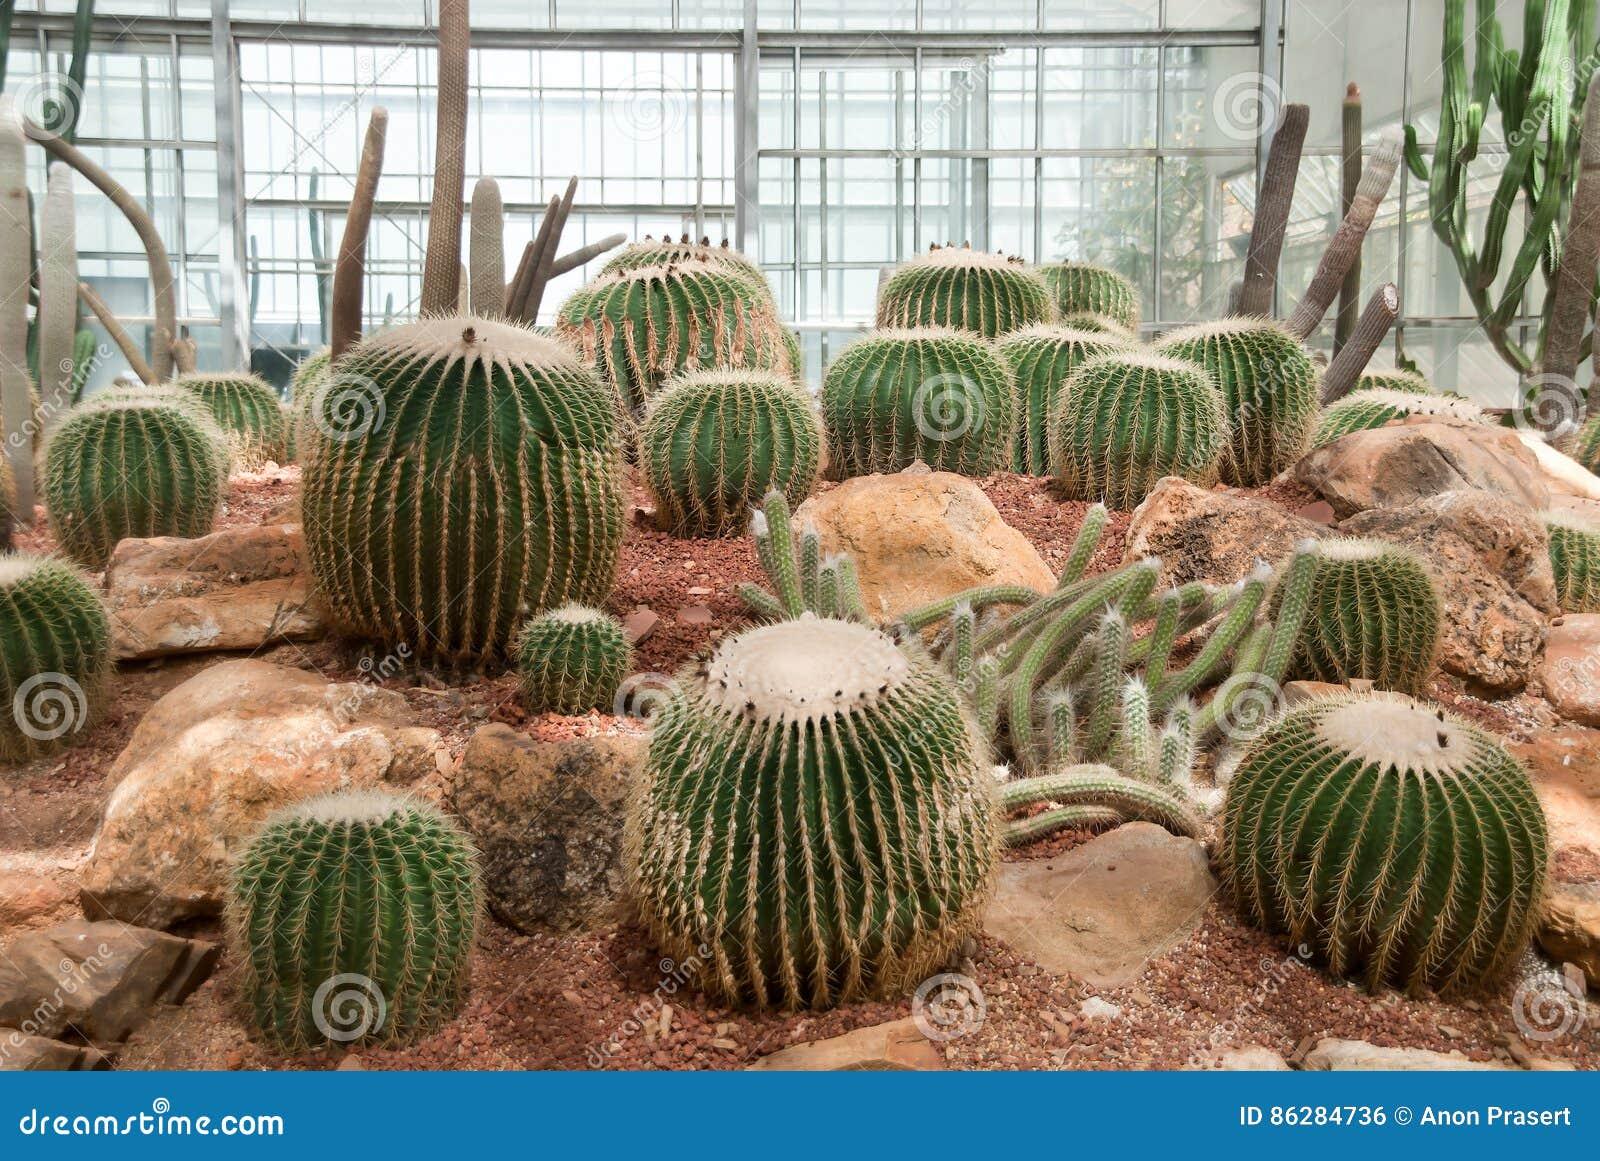 Viel Grosser Kaktus Im Gewachshaus Stockfoto Bild Von Gewachshaus